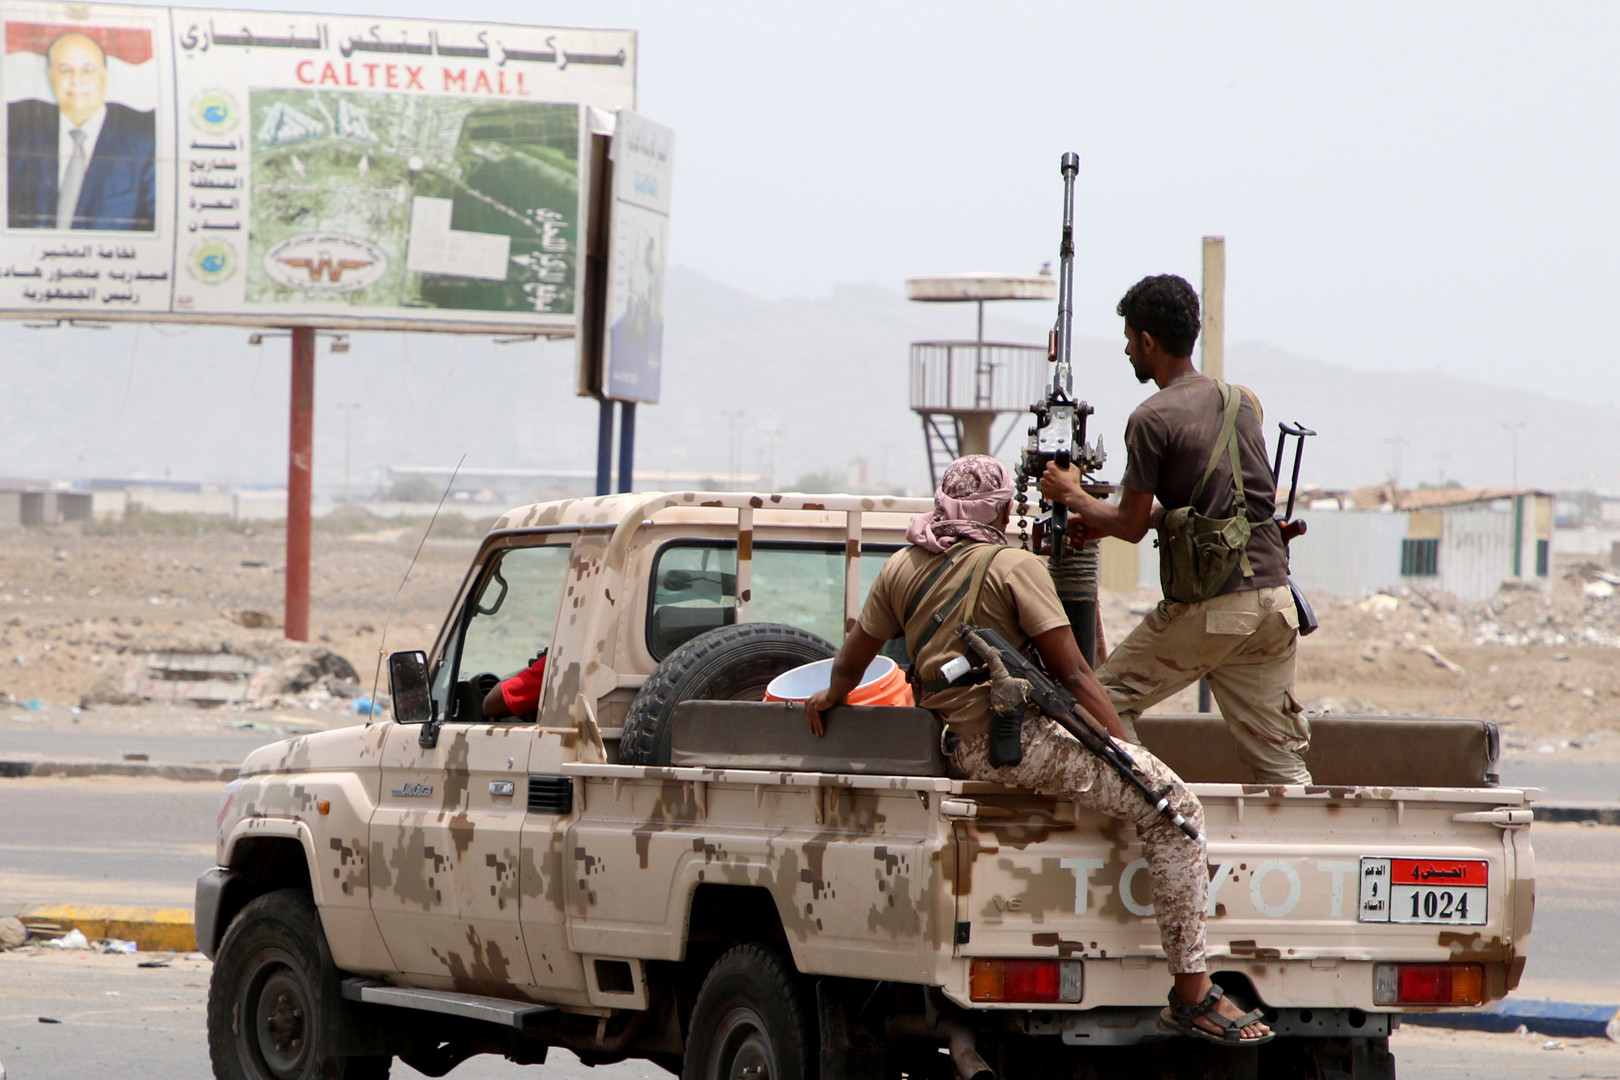 وزير في حكومة هادي: نواجه في عدن إمكانات وسلاح الإمارات وعلى السعودية التدخل عاجلا